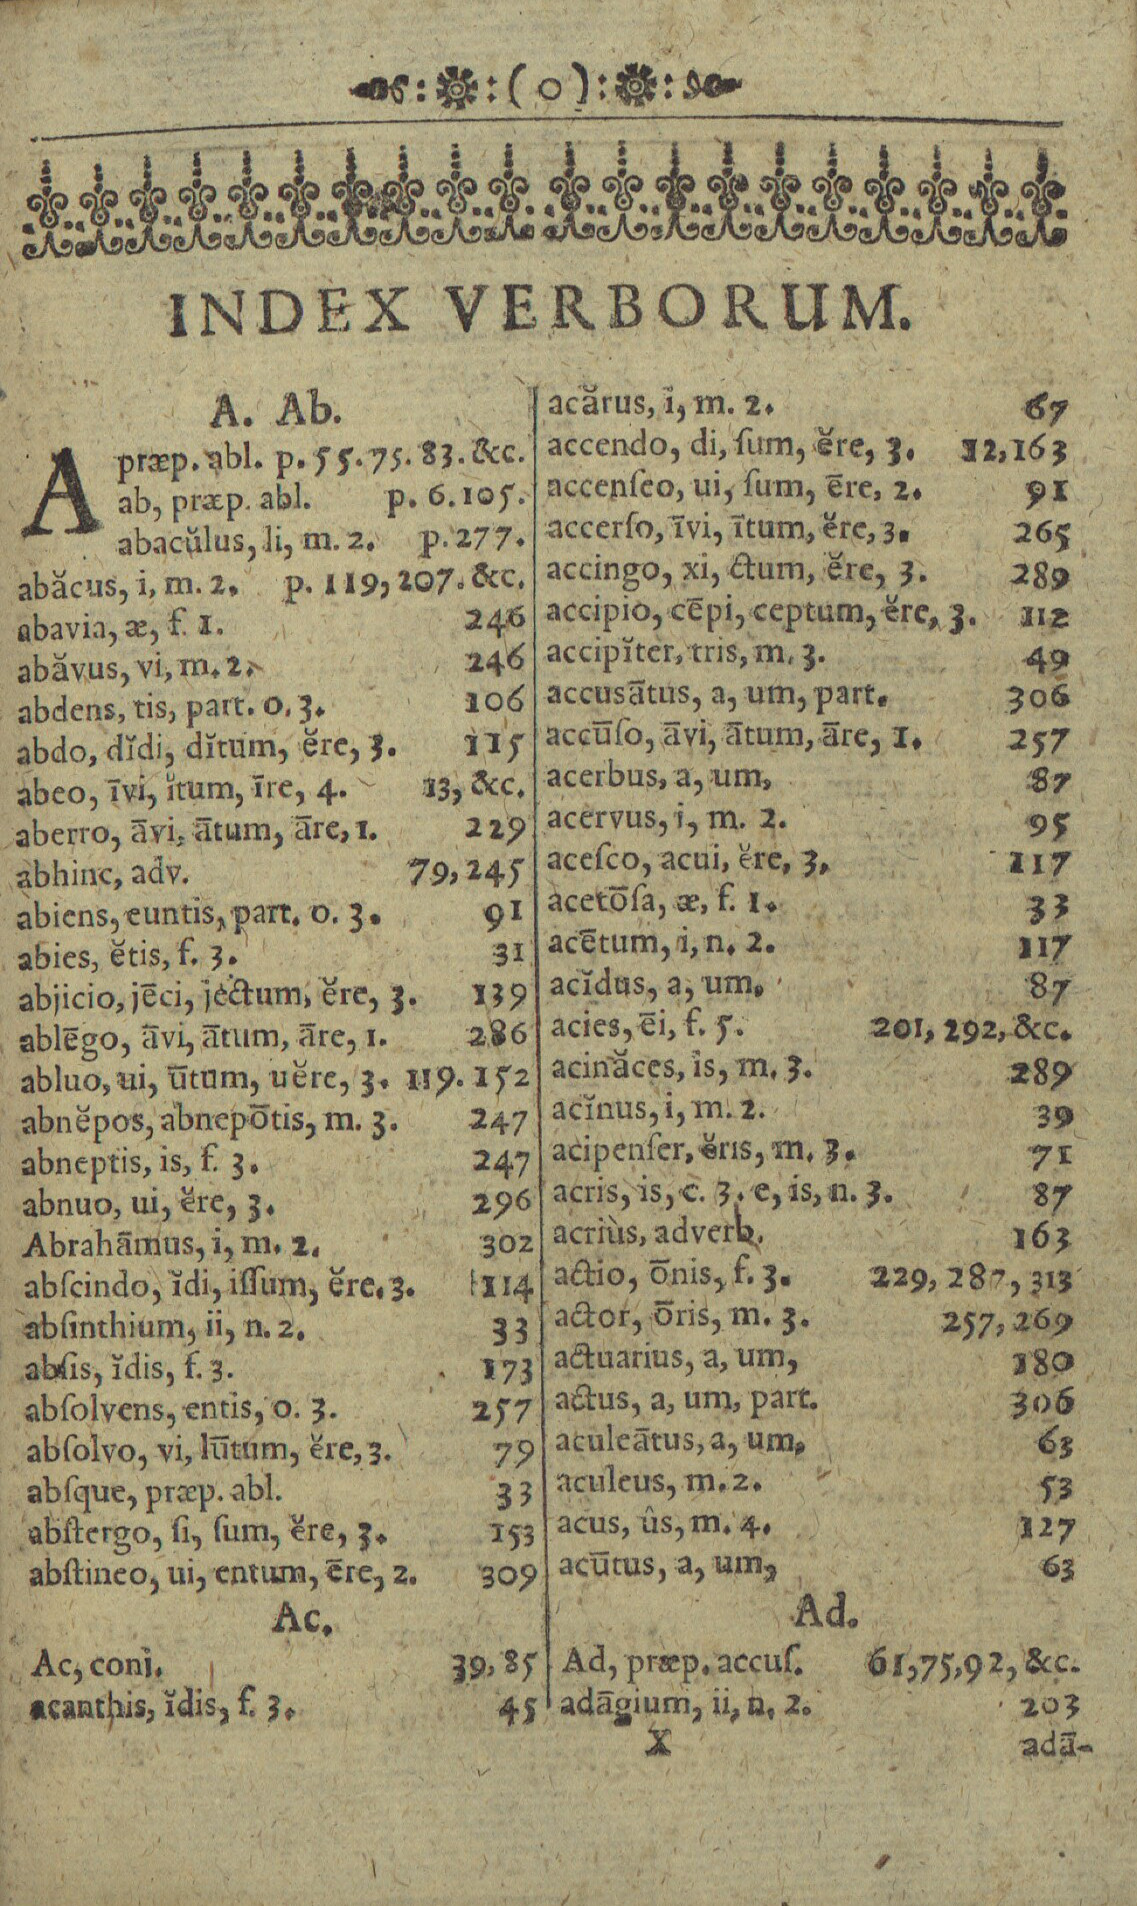 Comenius 1668 Orbis Pictus index page.jpg